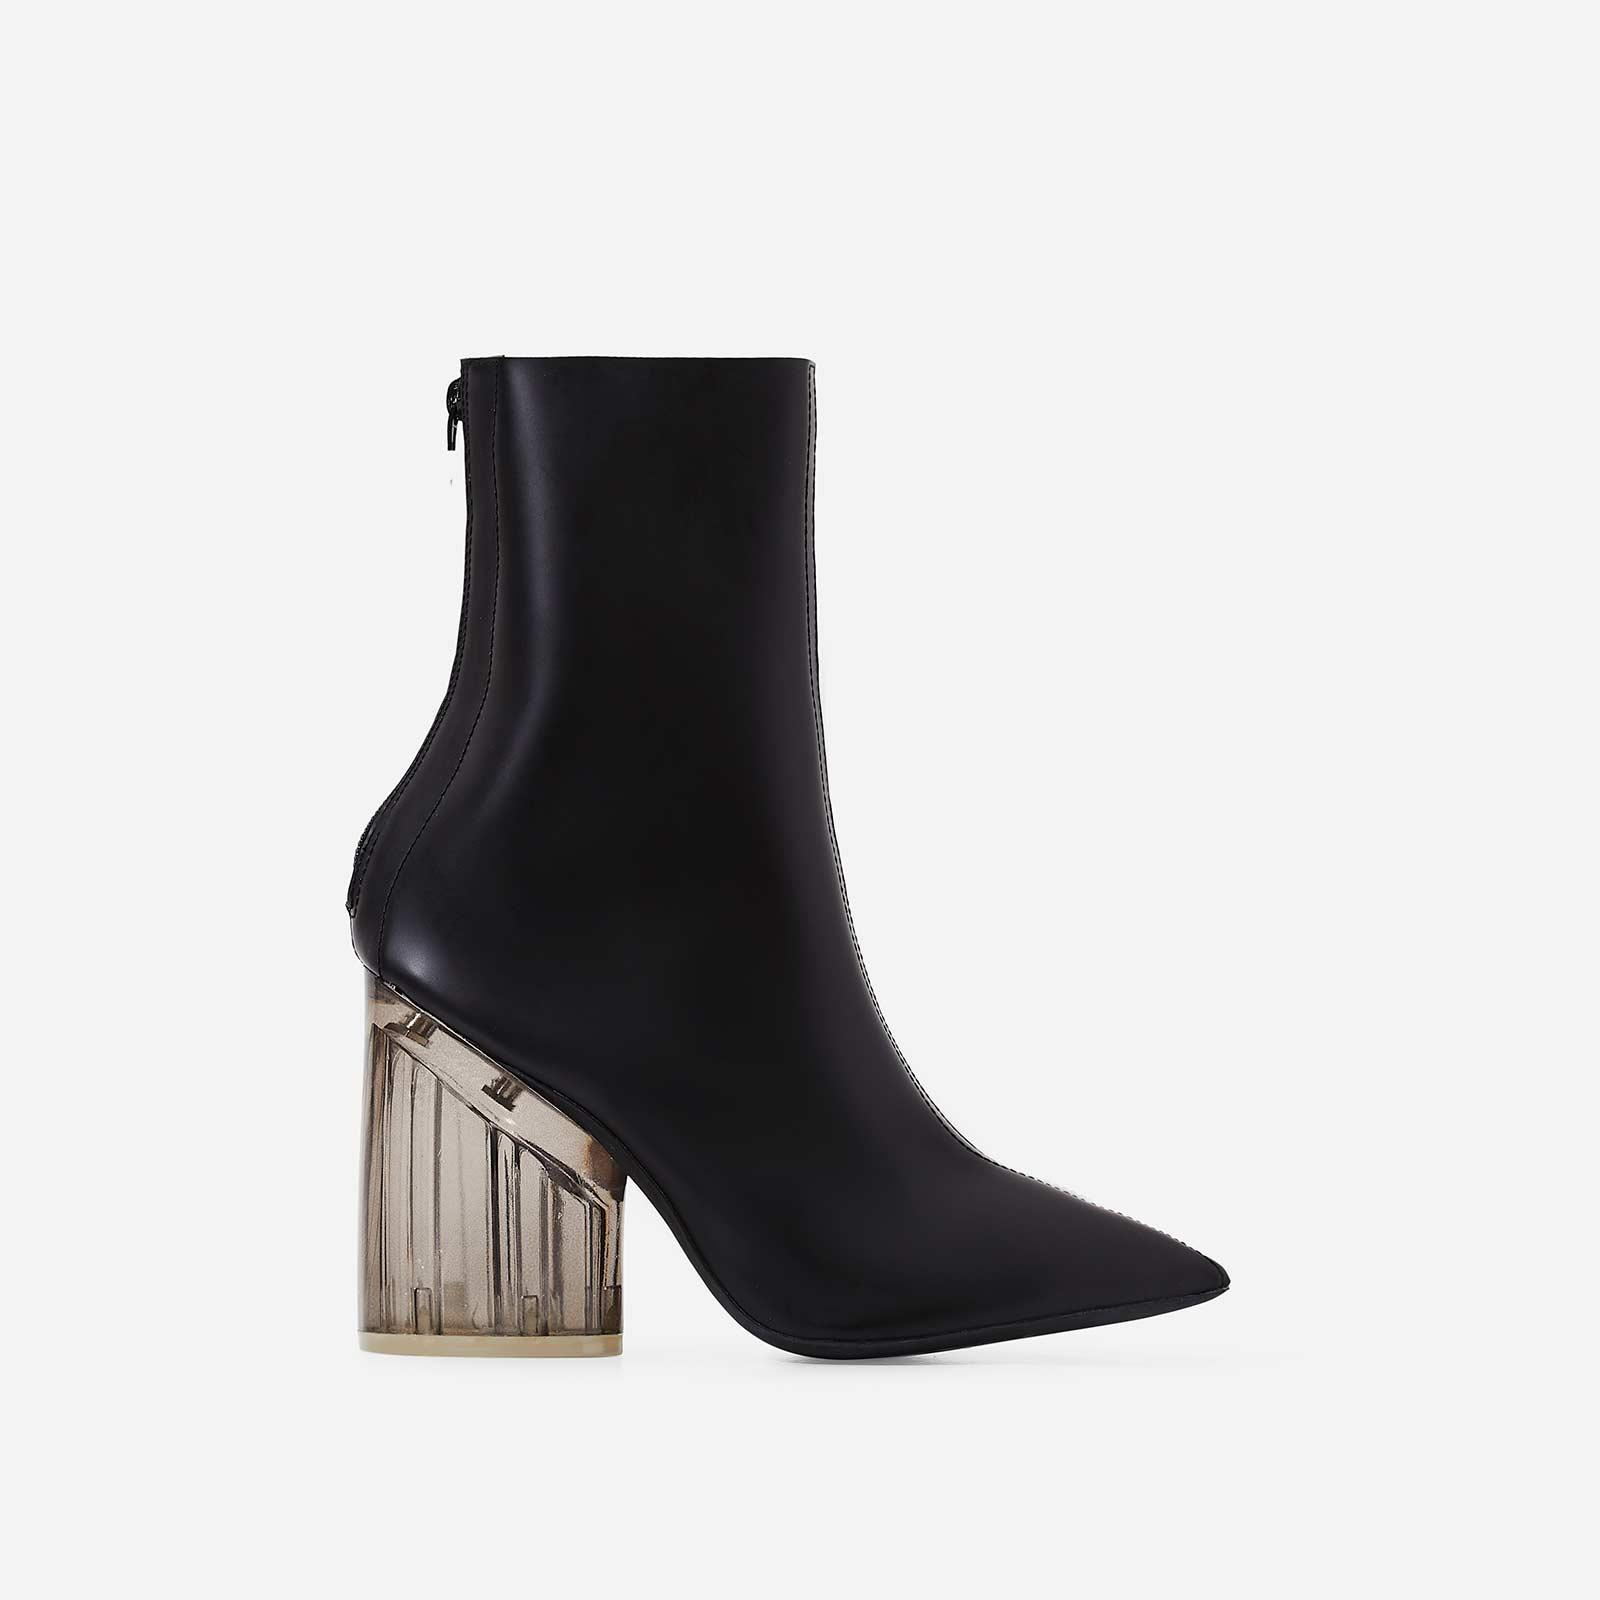 Mimi Perspex Block Heel Pointed Ankle Sock Boot In Matt Black